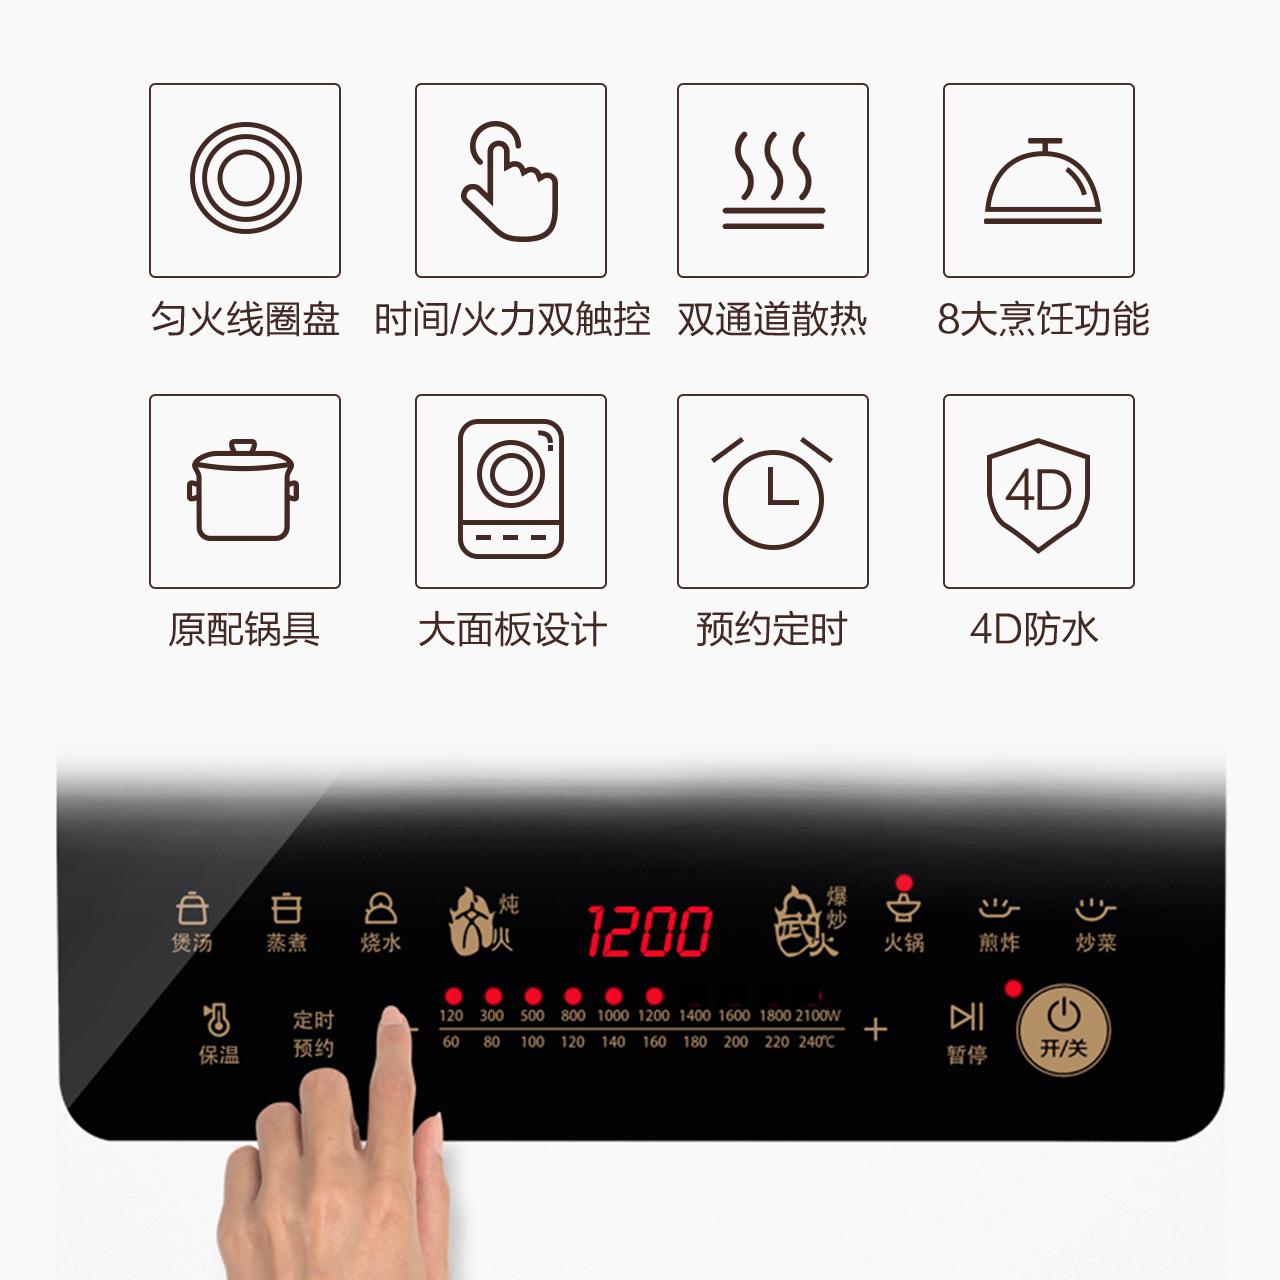 美的电磁炉特价家用火锅大功率爆炒智能迷你型节能电池炉正品学生